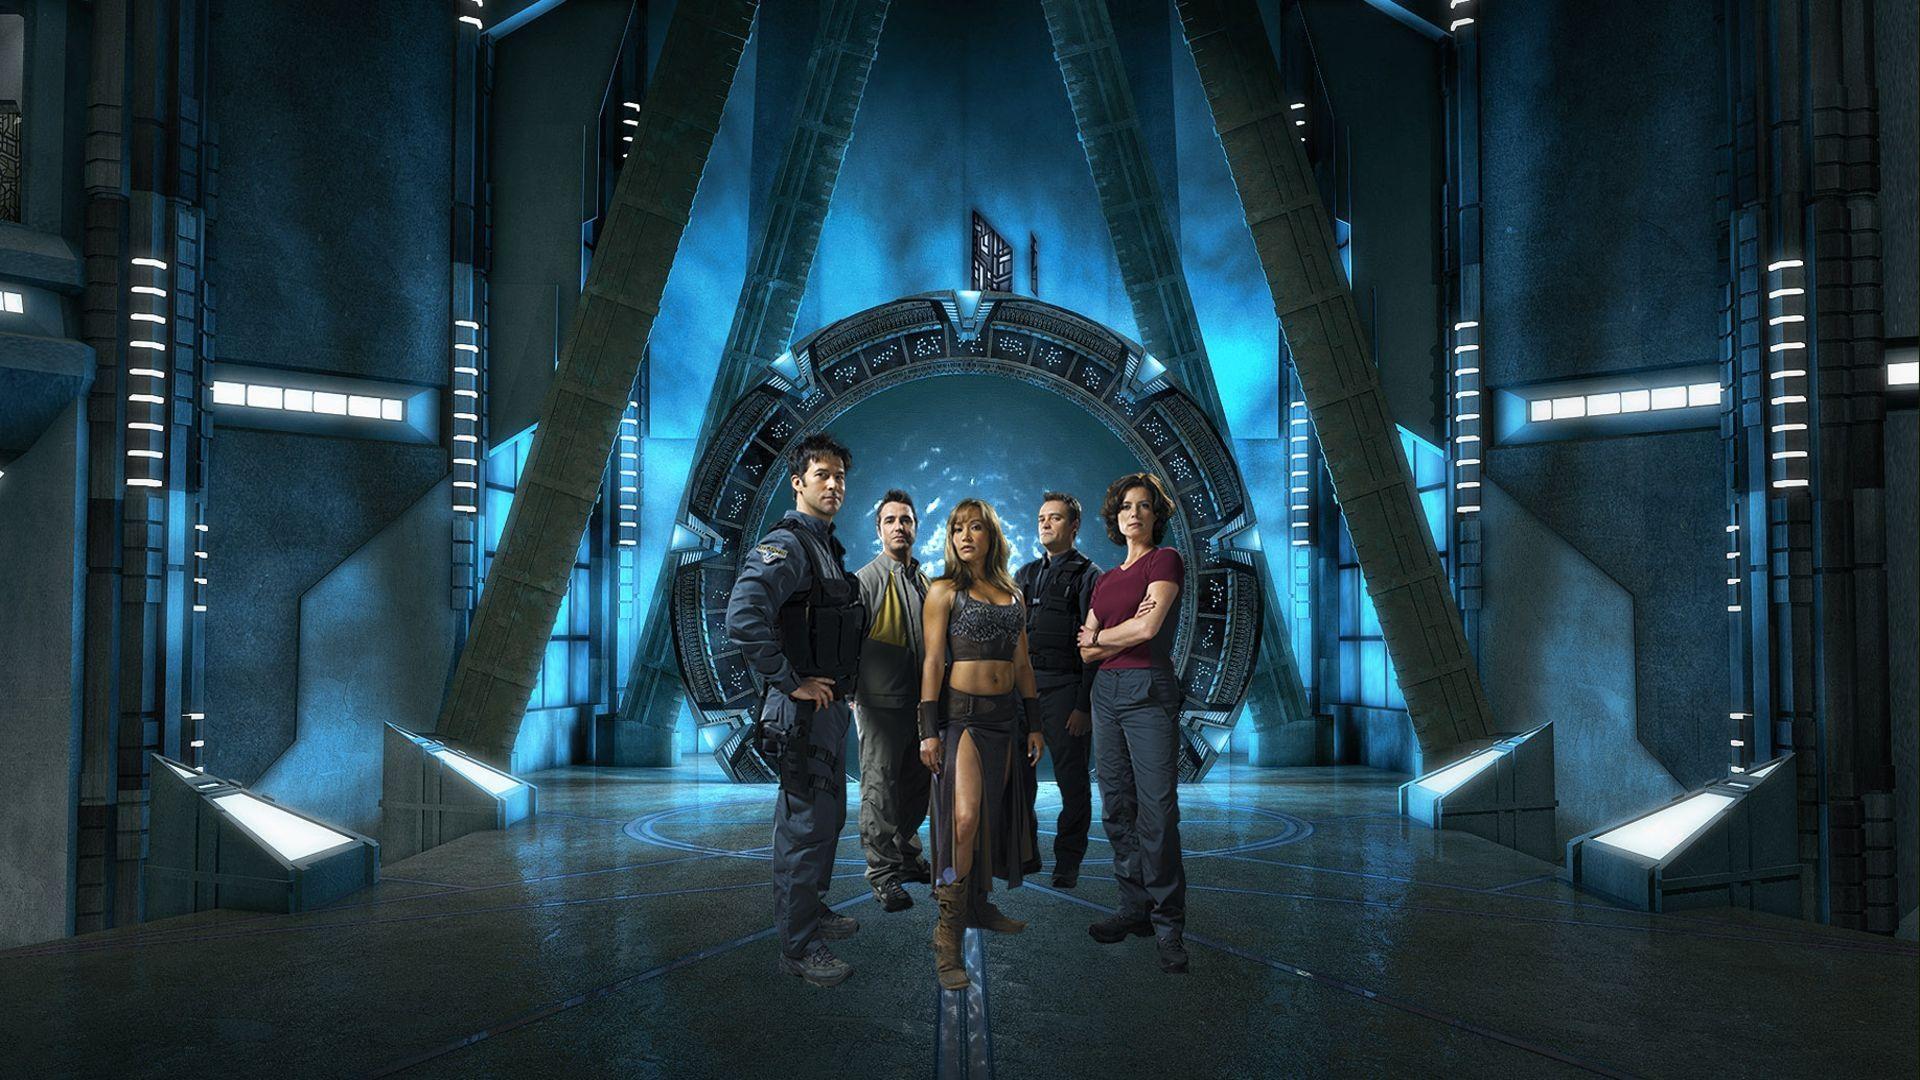 Tv Show Stargate Atlantis Wallpaper Stargate Atlantis Stargate Atlantis